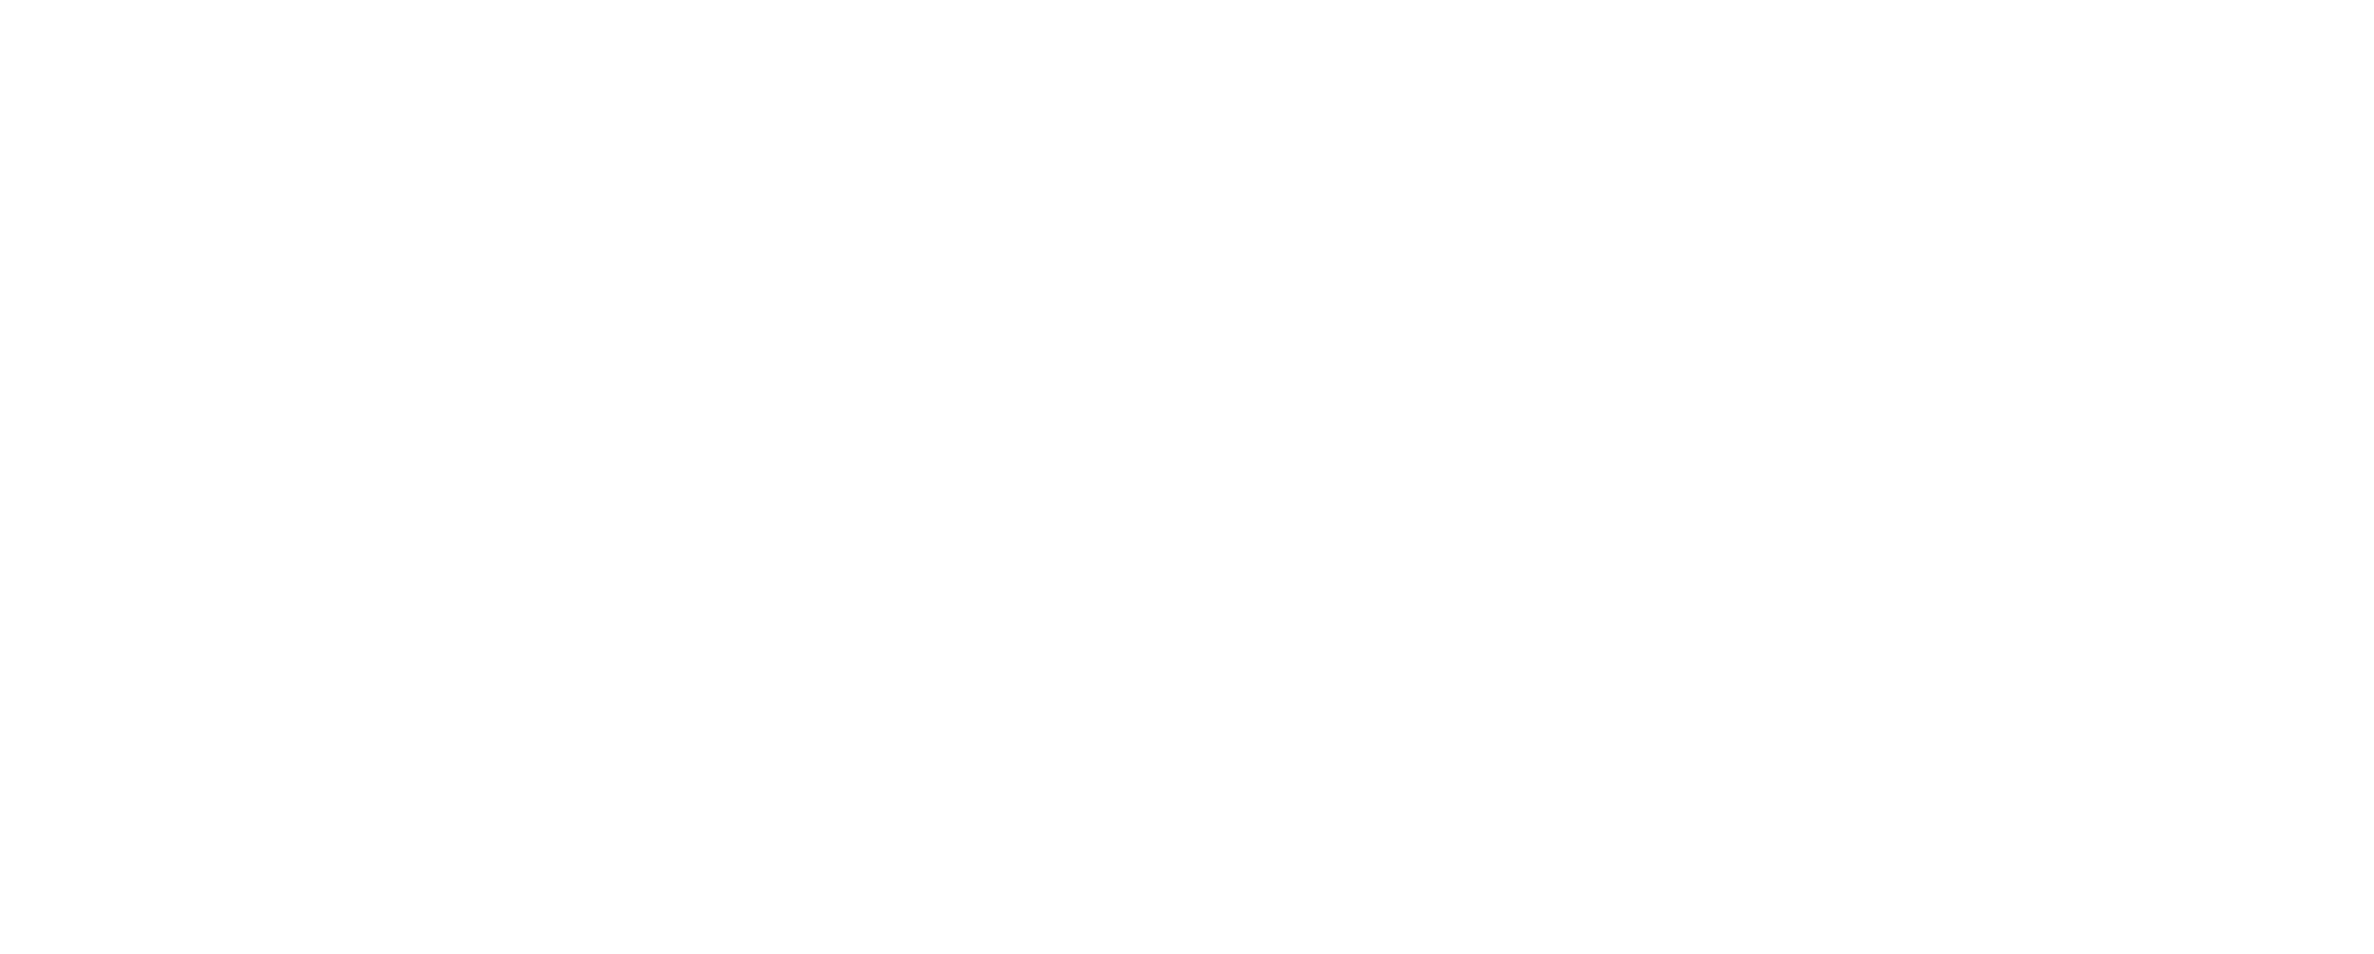 Ubuntu logotype white